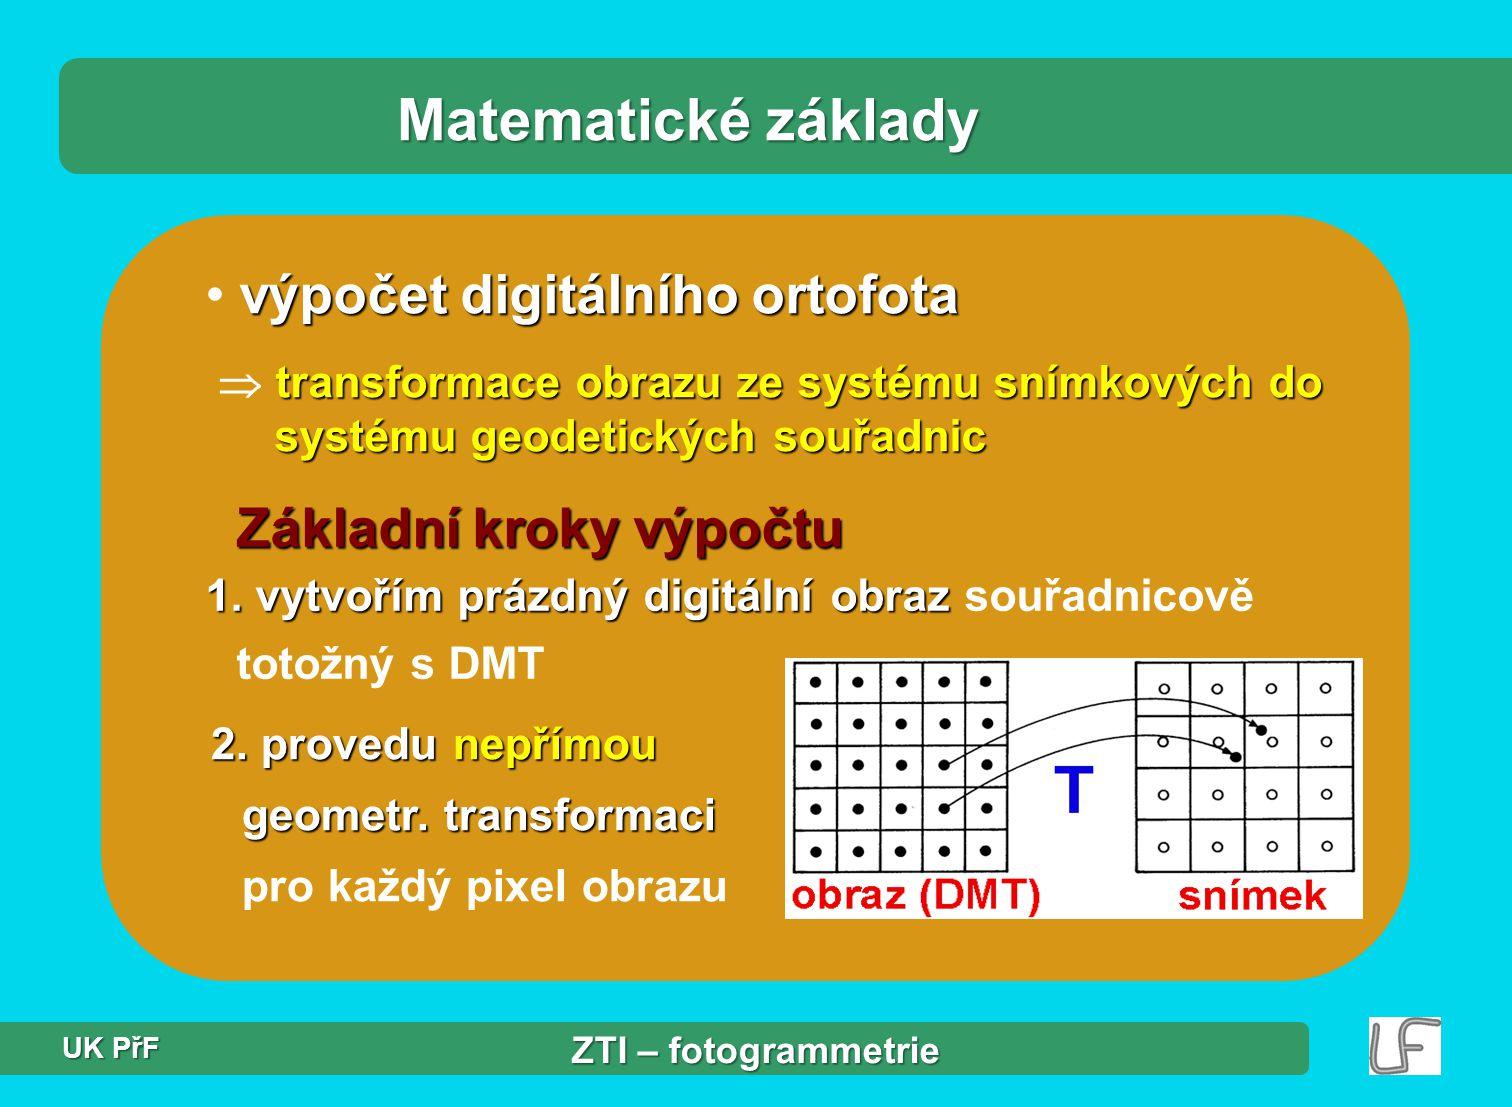 """Transformace Matematické základy - """"Z souřadnice středů pixelů interpolací - """"Z souřadnice středů pixelů  interpolací z DMT - musím znát PVO a PVniO - hodnota obrazové fce pixelu interpolací sousedních pixelů - hodnota obrazové fce pixelu  interpolací z hodnot sousedních pixelů (na snímku).."""